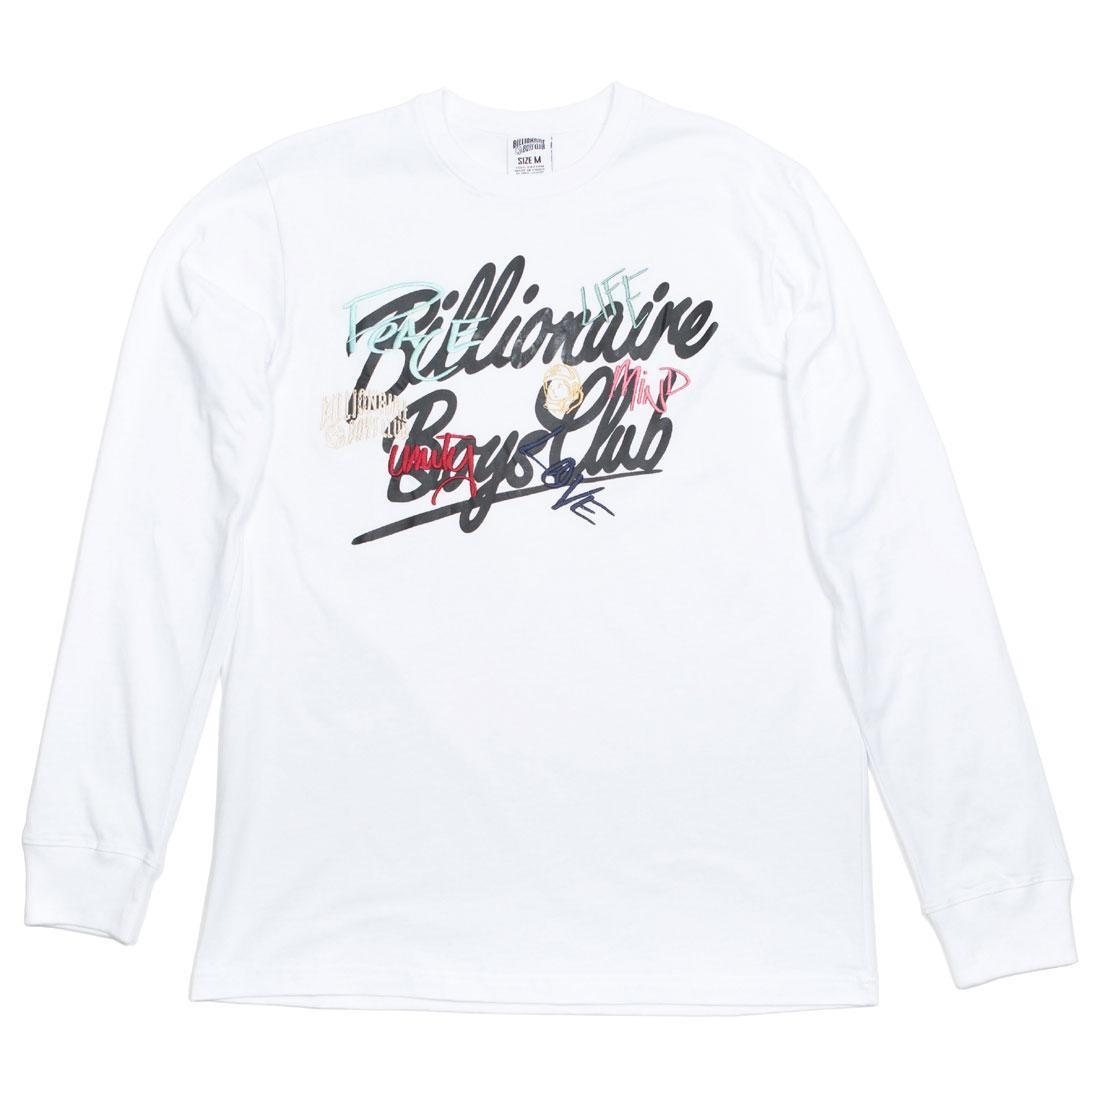 【スーパーセール中! 6/11深夜2時迄】ビリオネアボーイズクラブ BILLIONAIRE BOYS CLUB Tシャツ メンズファッション トップス カットソー メンズ 【 Men United Ls Tee (white) 】 White